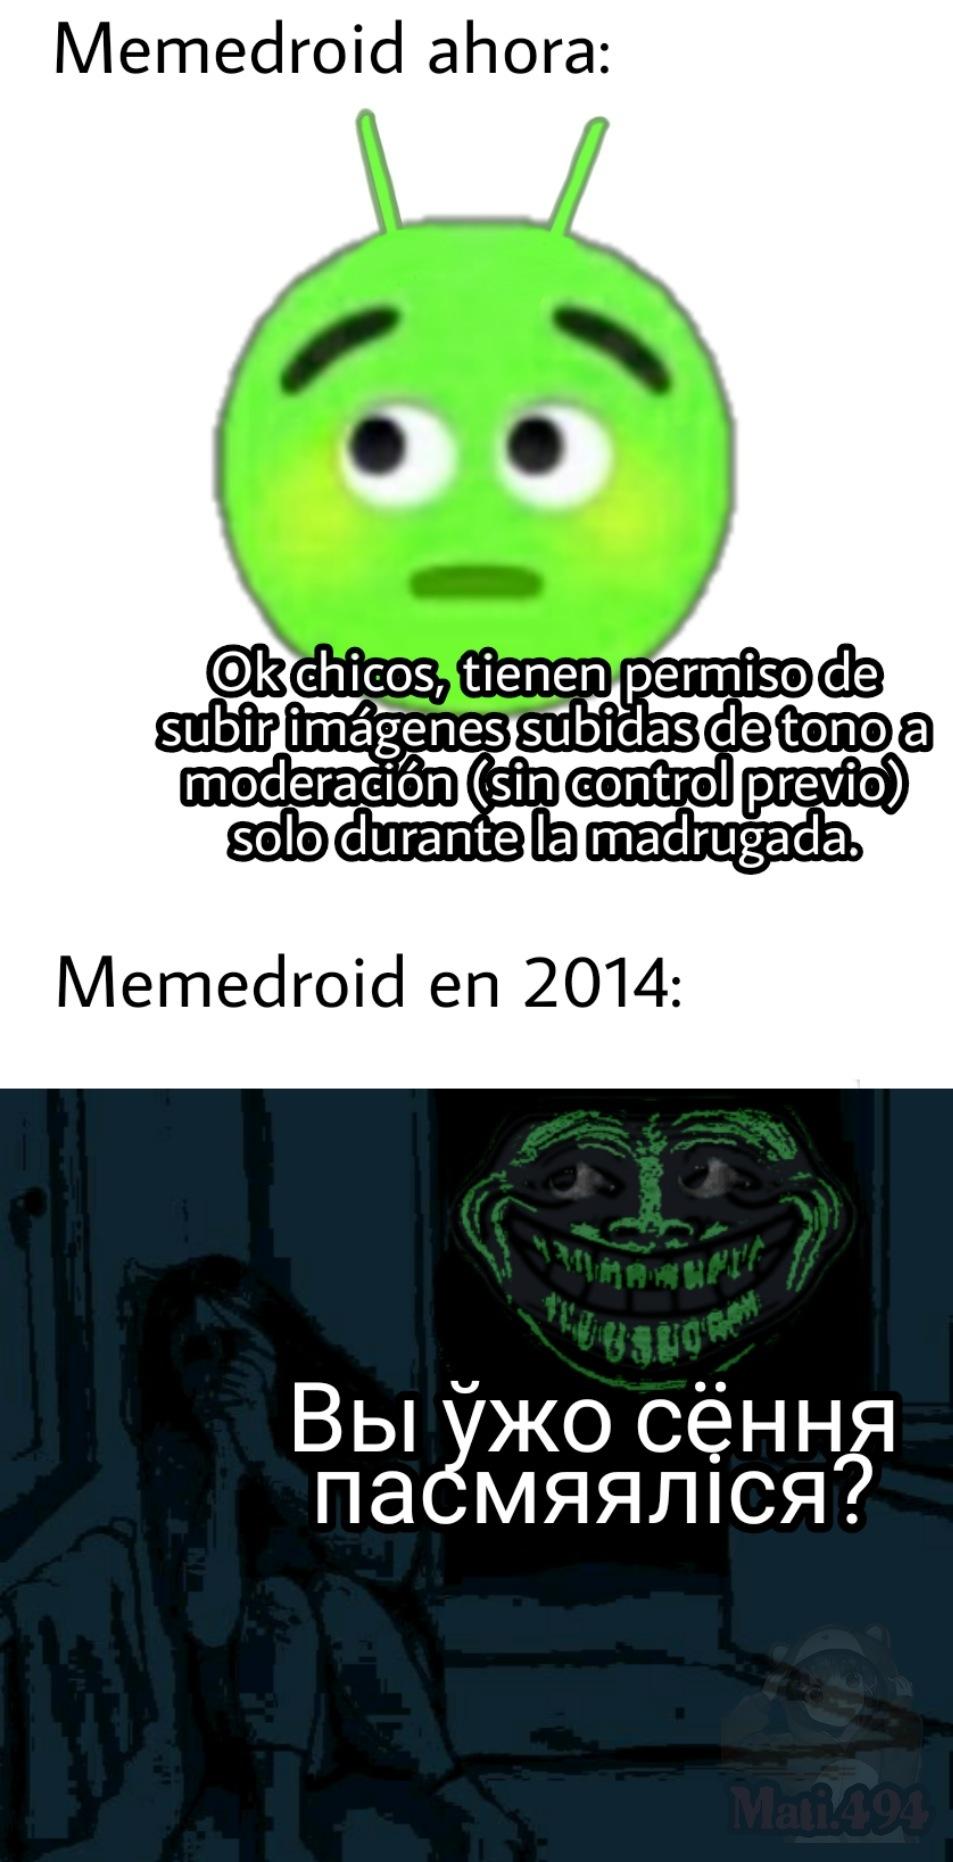 Sintexto - meme